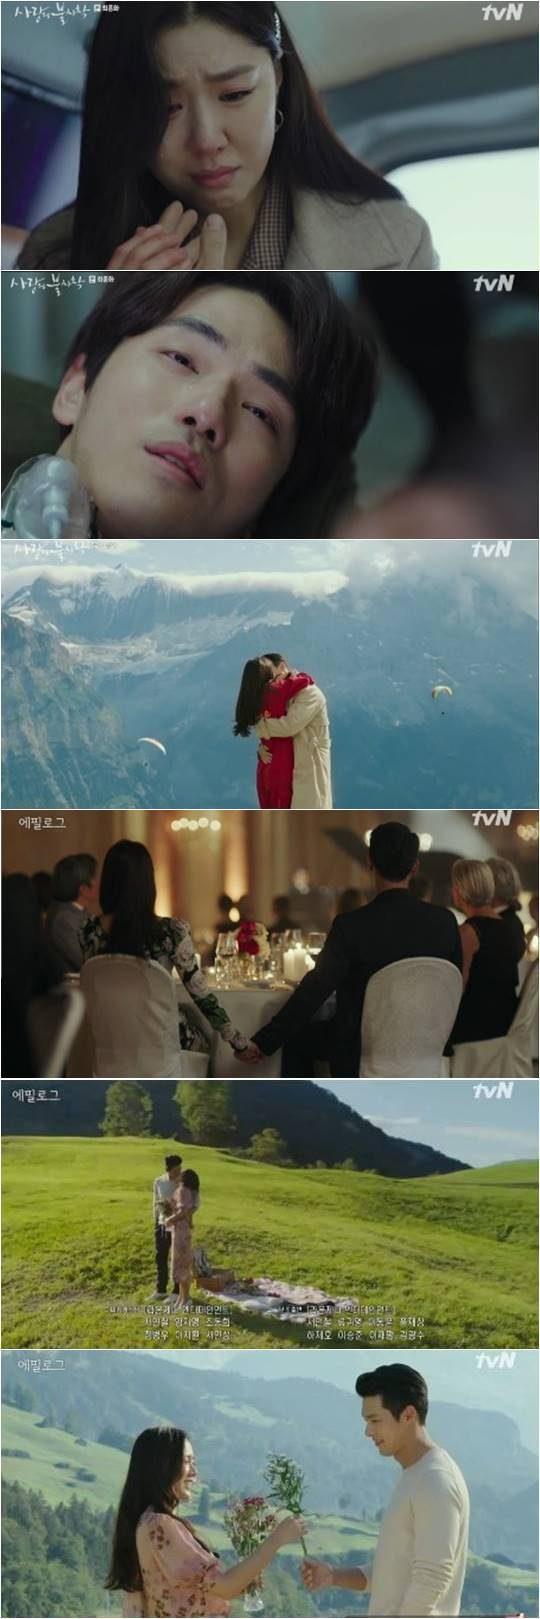 지난 16일 방영된 tvN 토일드라마 '사랑의 불시착' 방송화면.